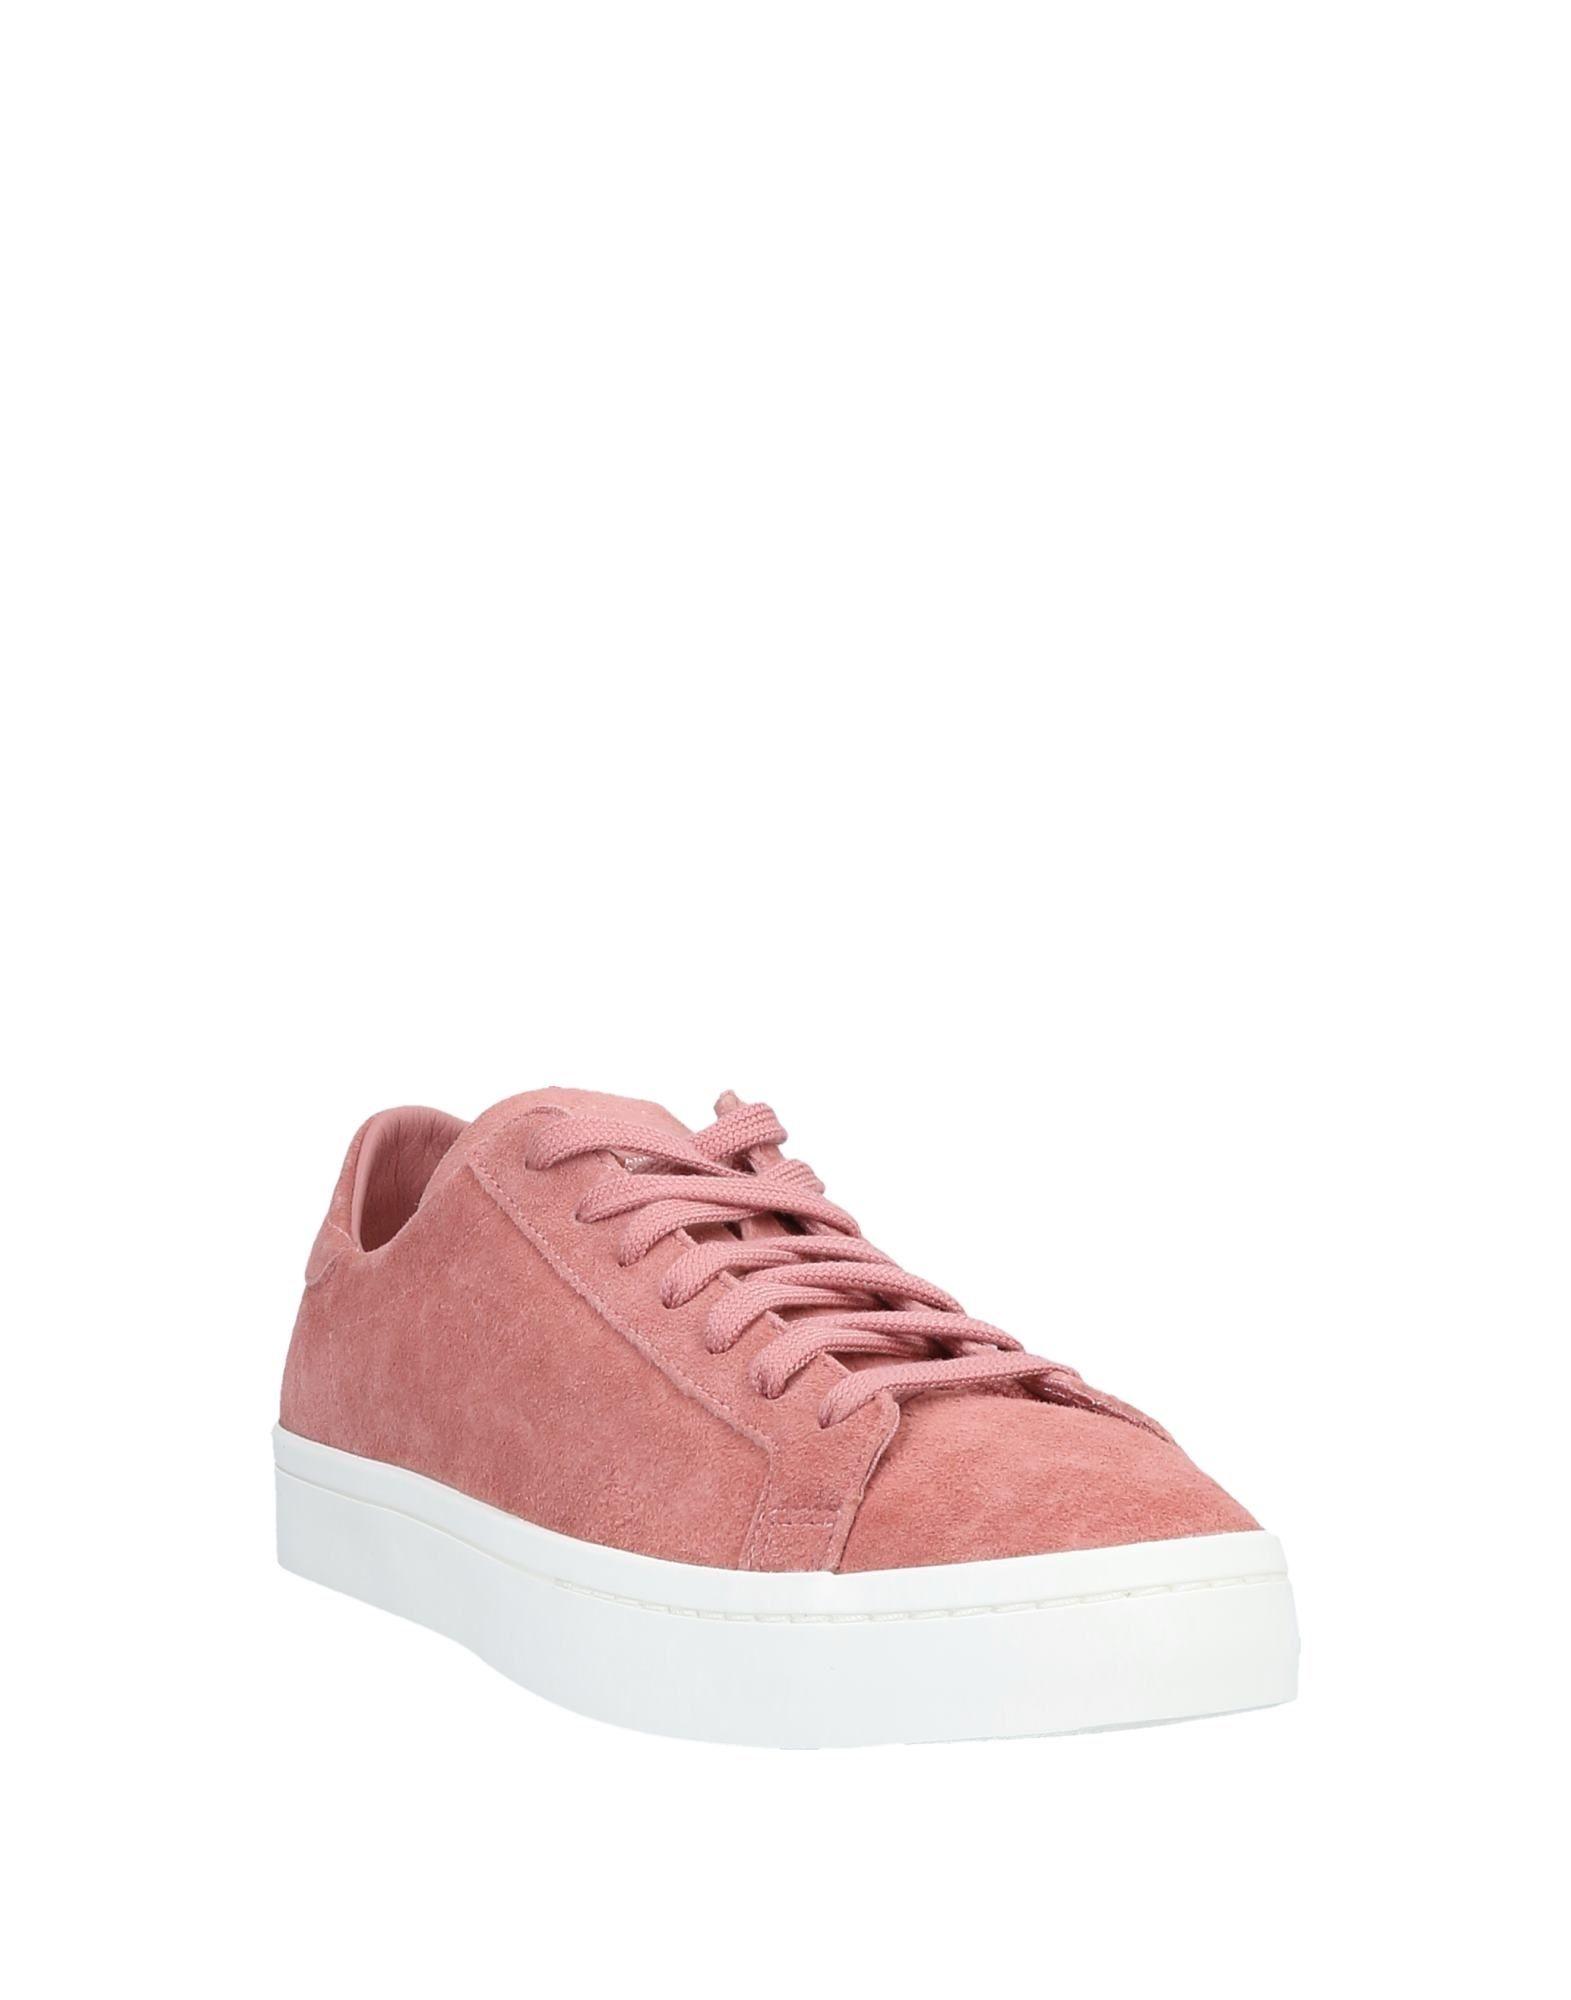 Adidas Originals Gute Turnschuhes Damen 11563553WD Gute Originals Qualität beliebte Schuhe 1a11a7